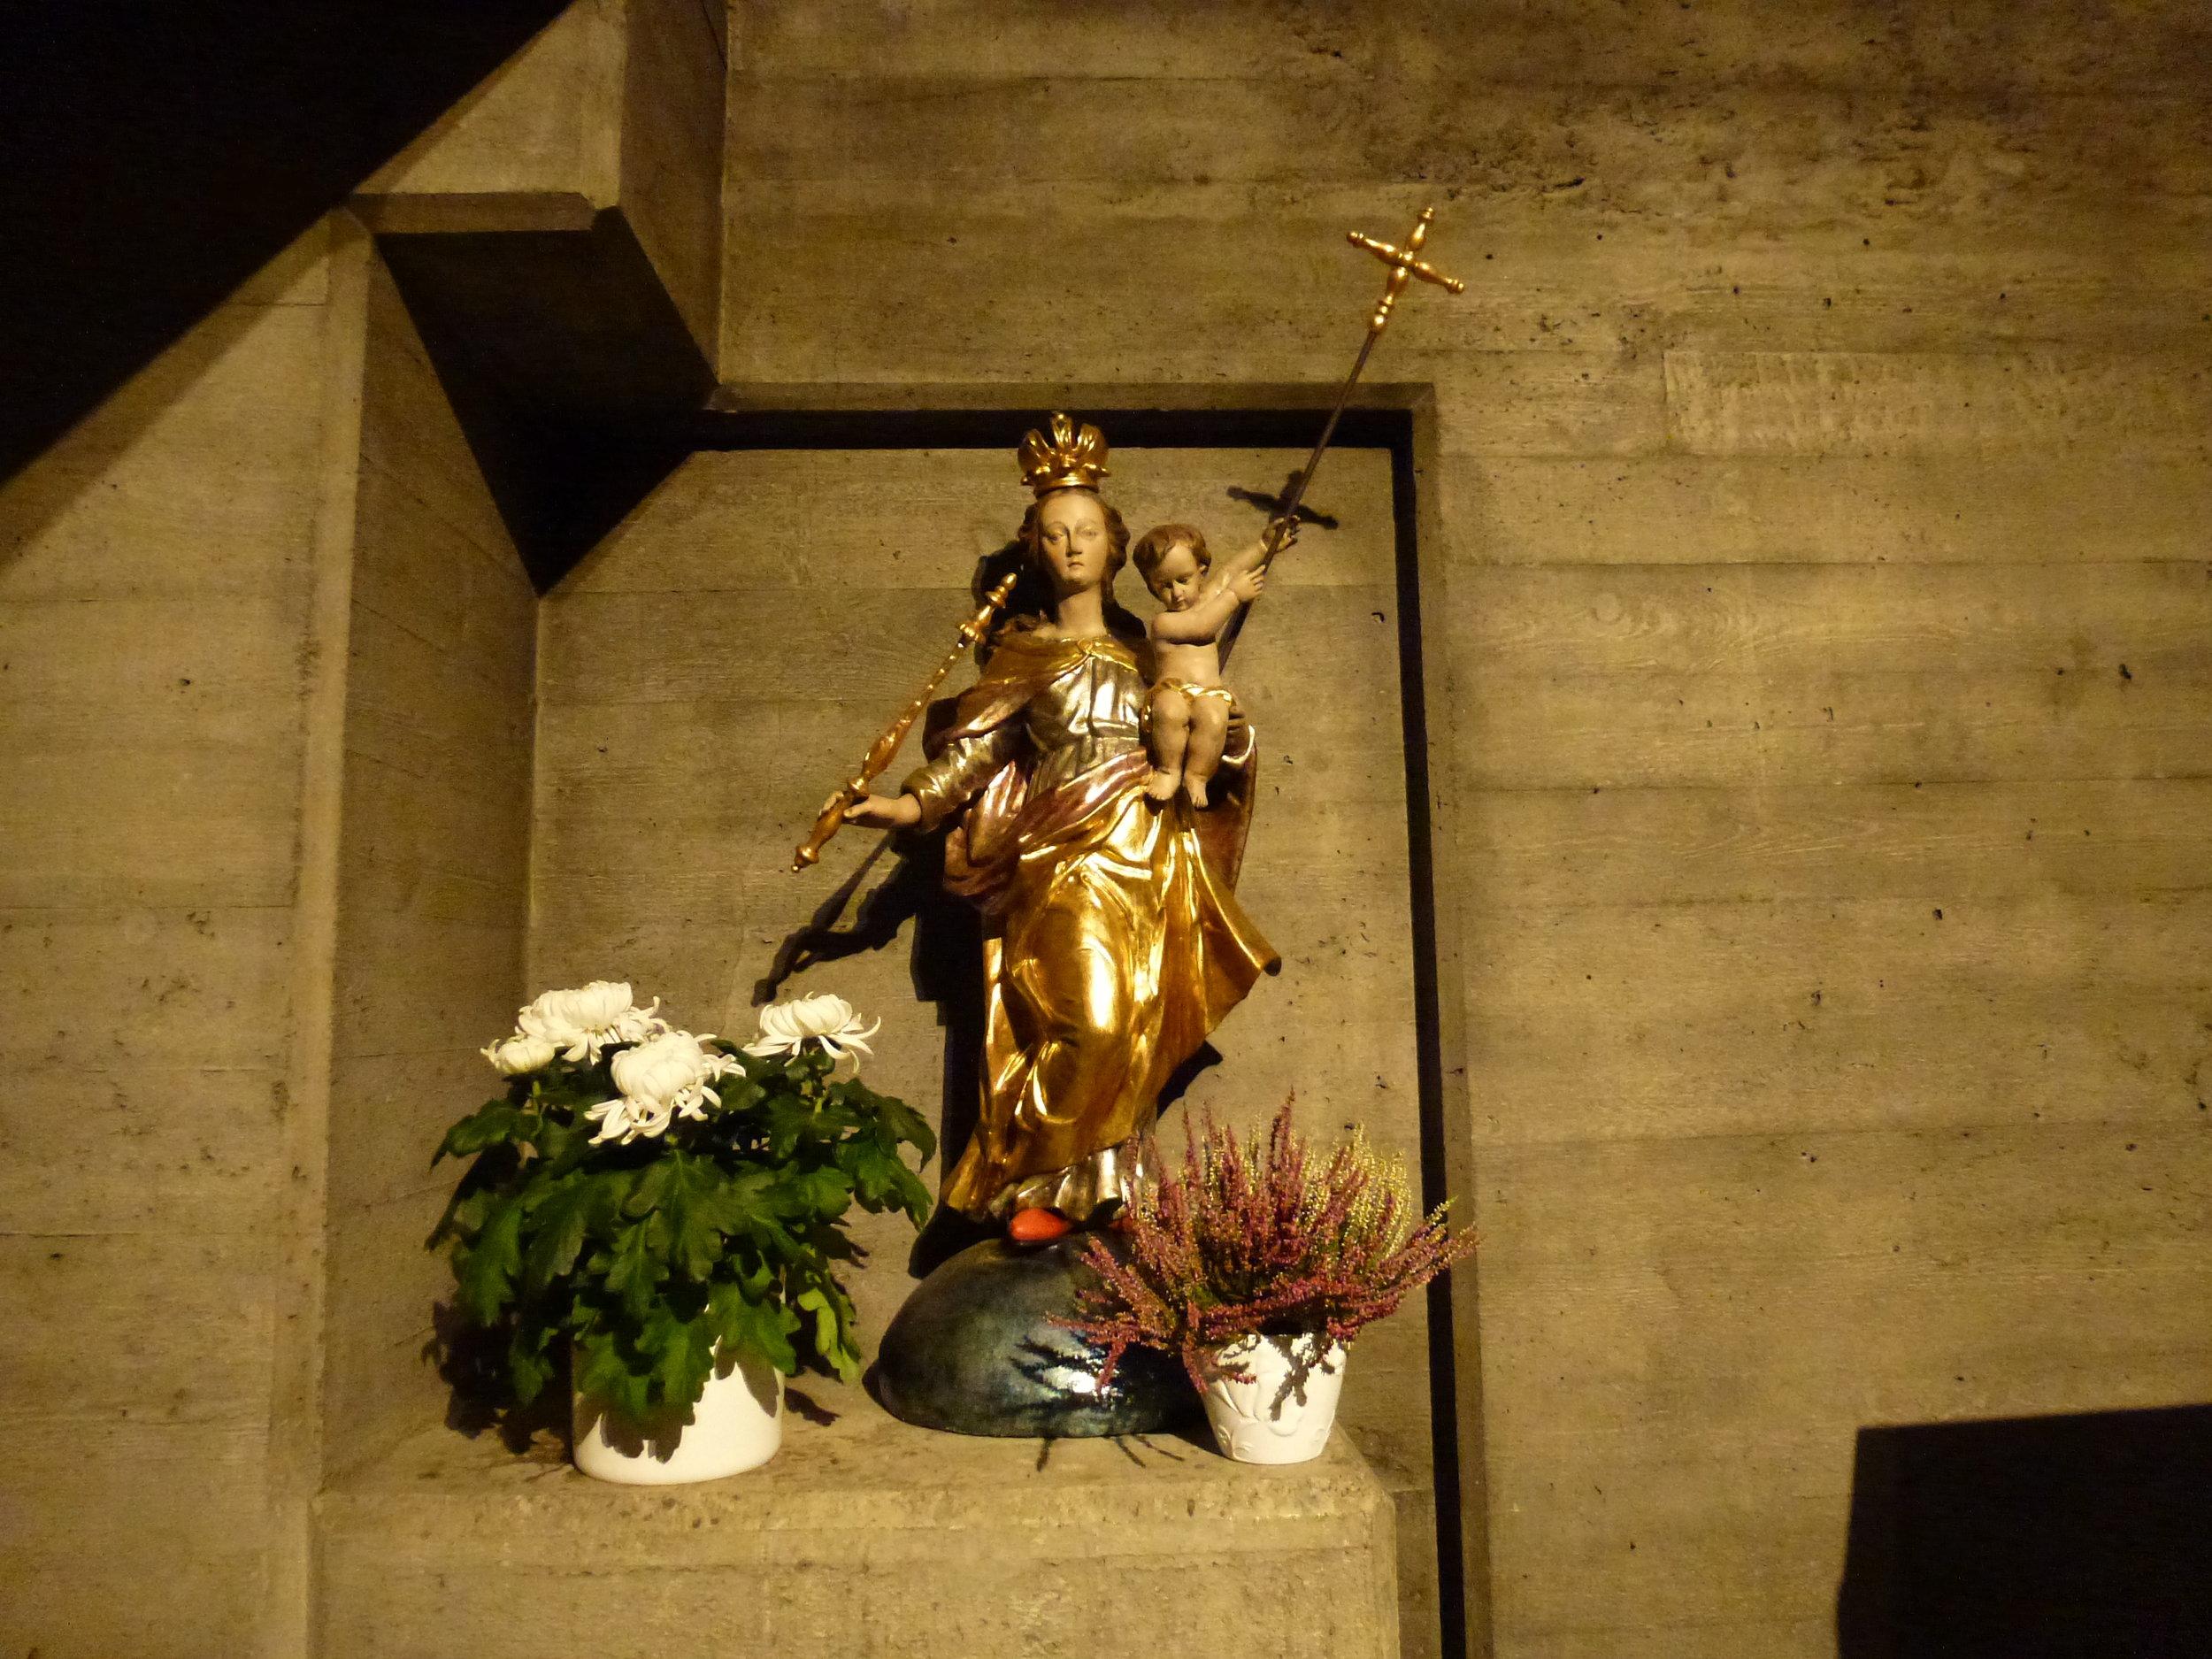 Détail de l'intérieur de l'église Saint-Clément de Bettlach